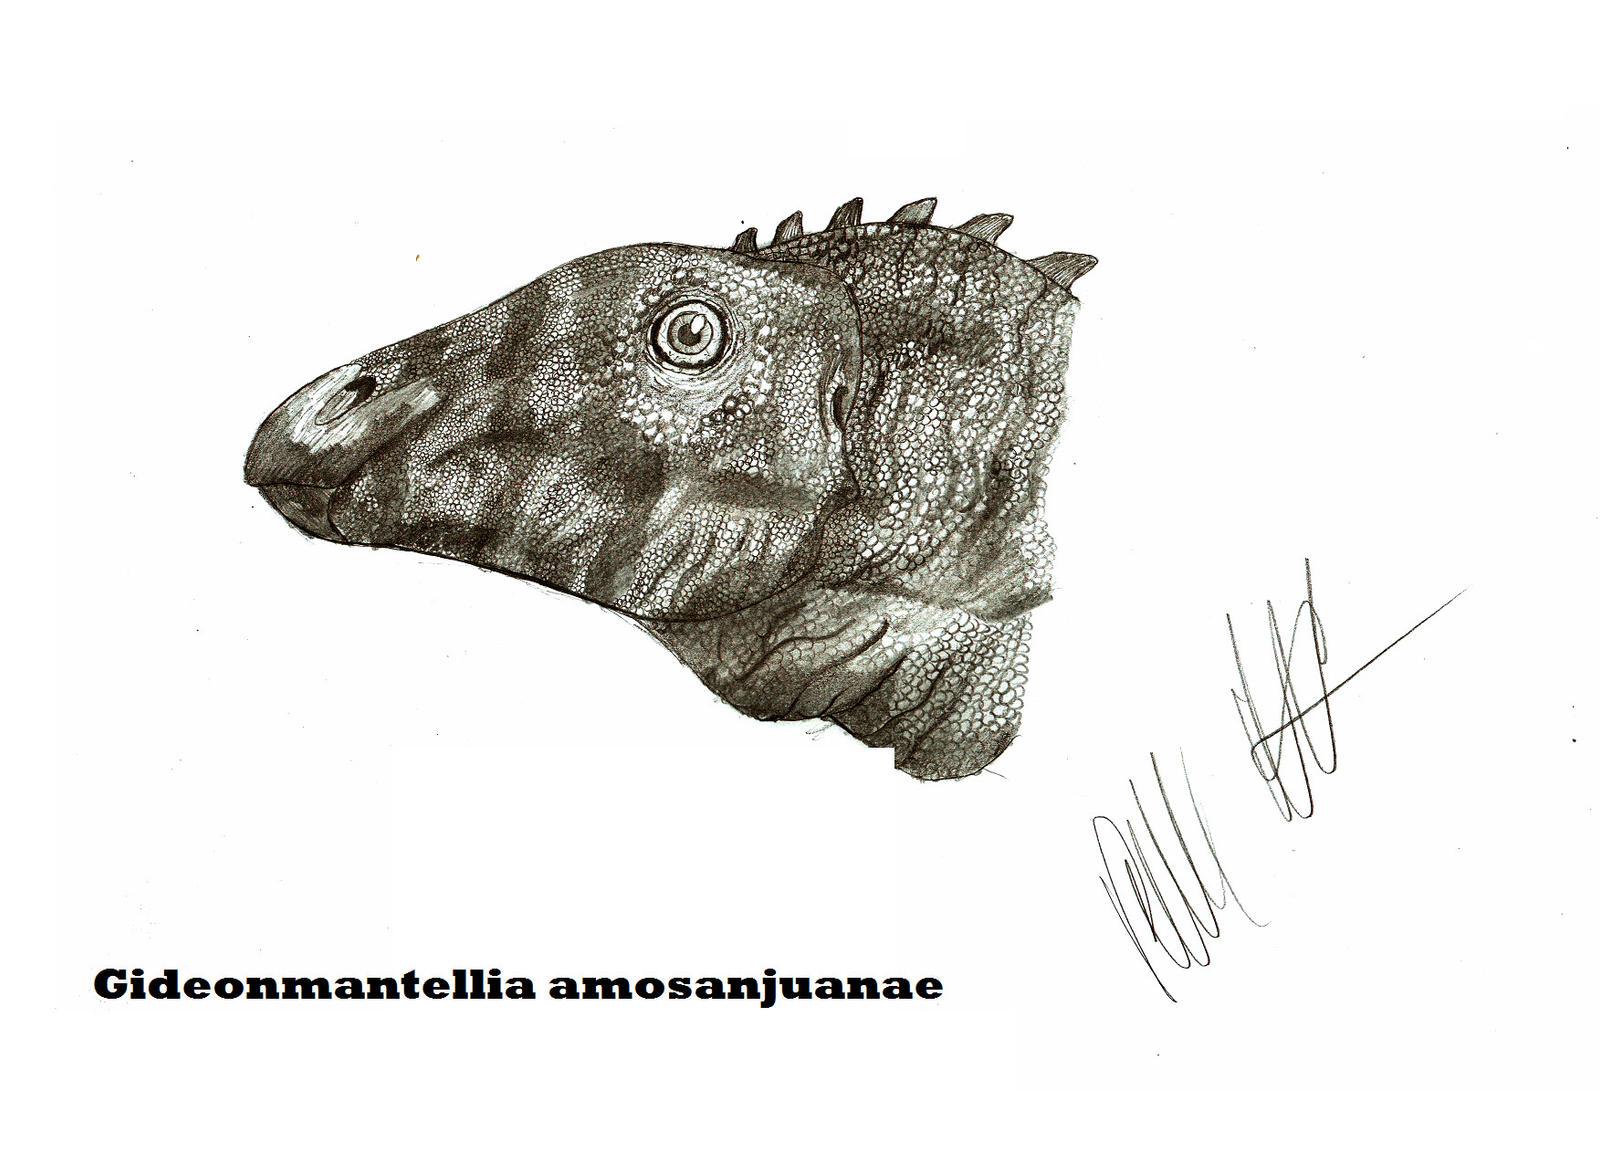 Gideonmantellia amosanjuanae